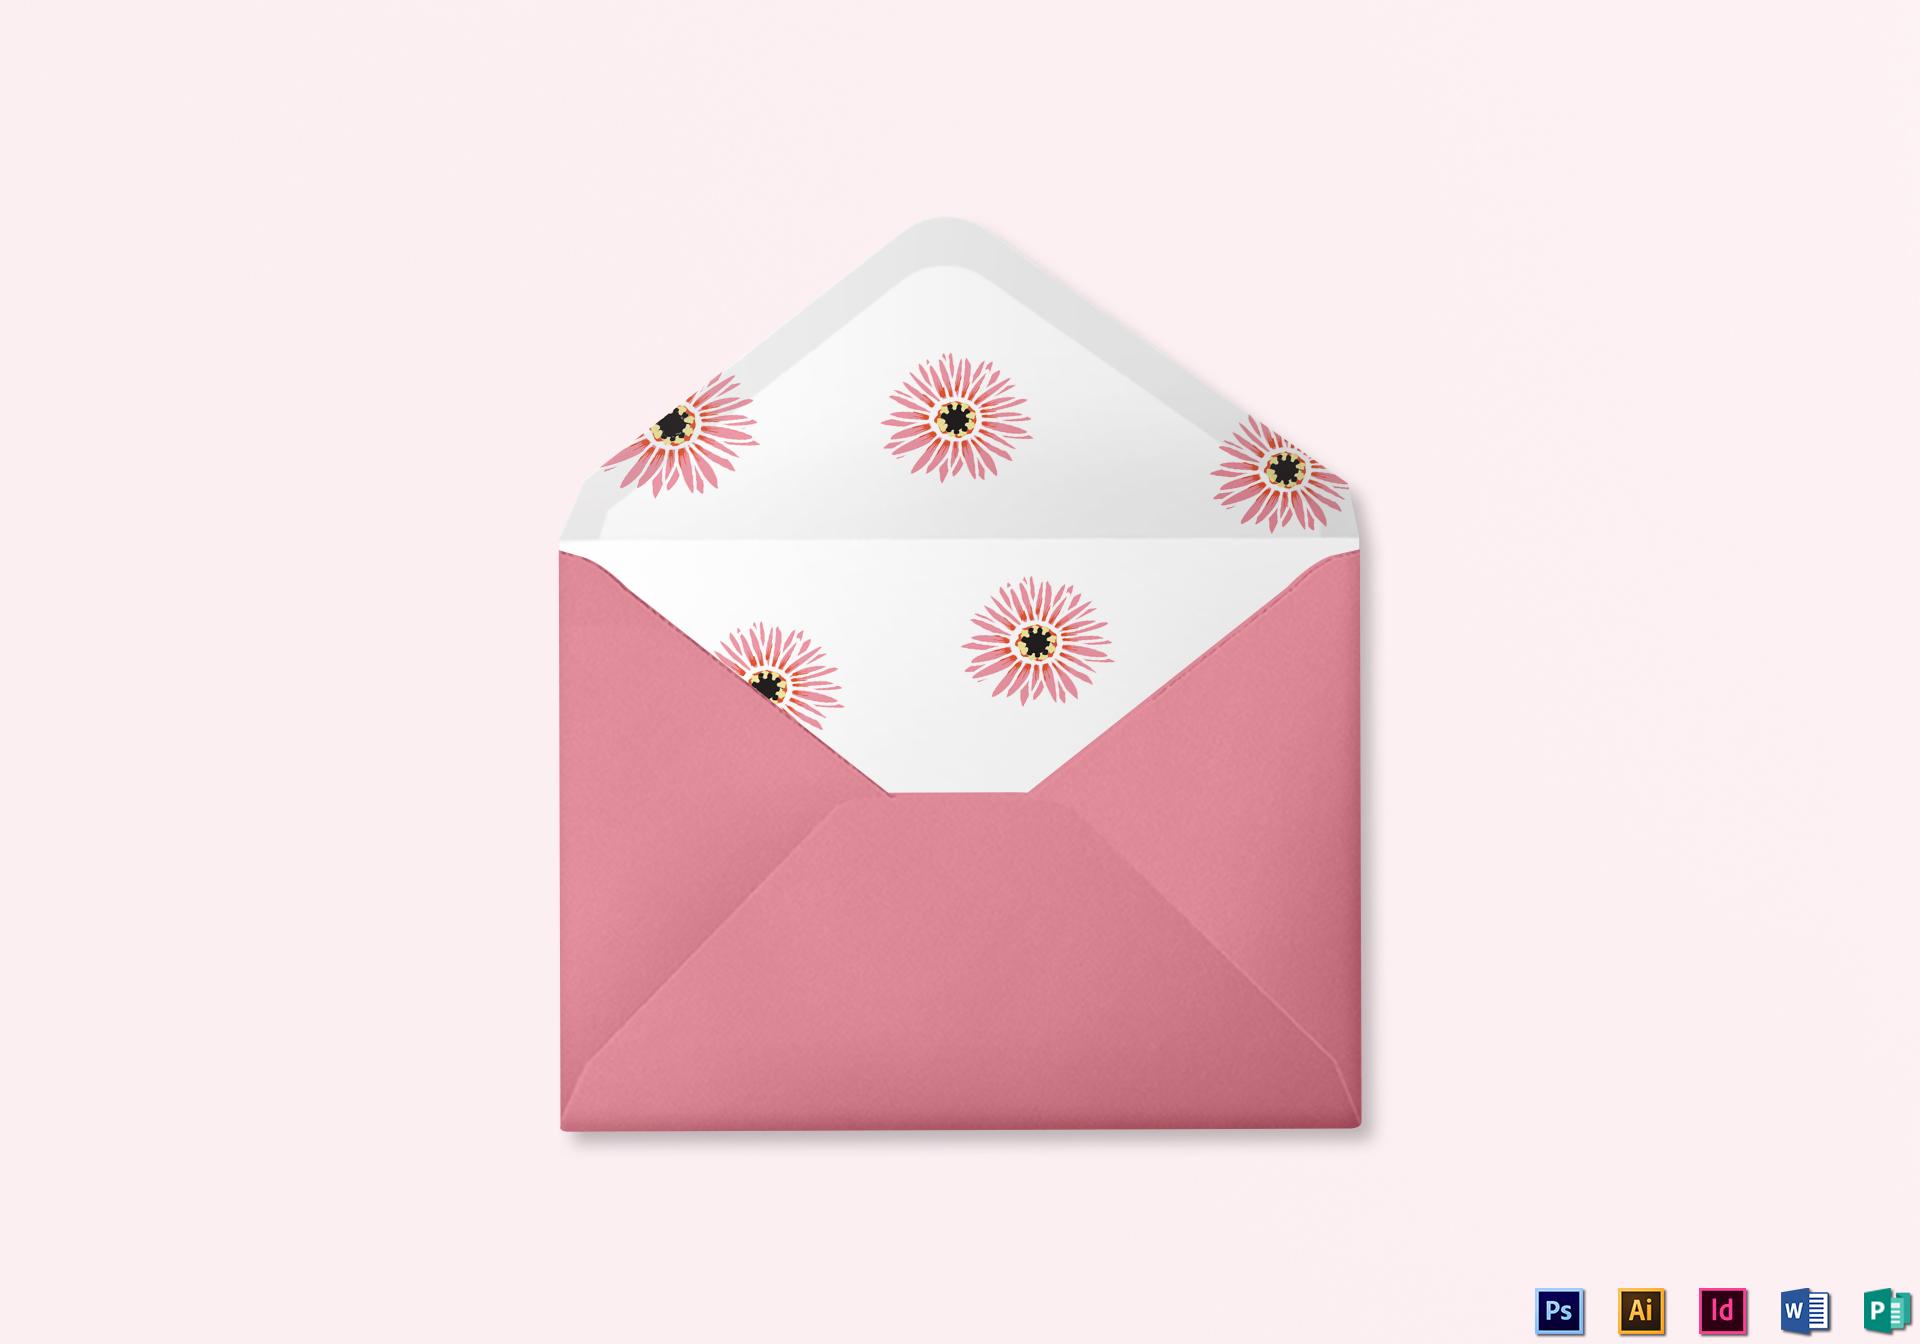 floral wedding envelope design template in illustrator indesign word psd publisher. Black Bedroom Furniture Sets. Home Design Ideas